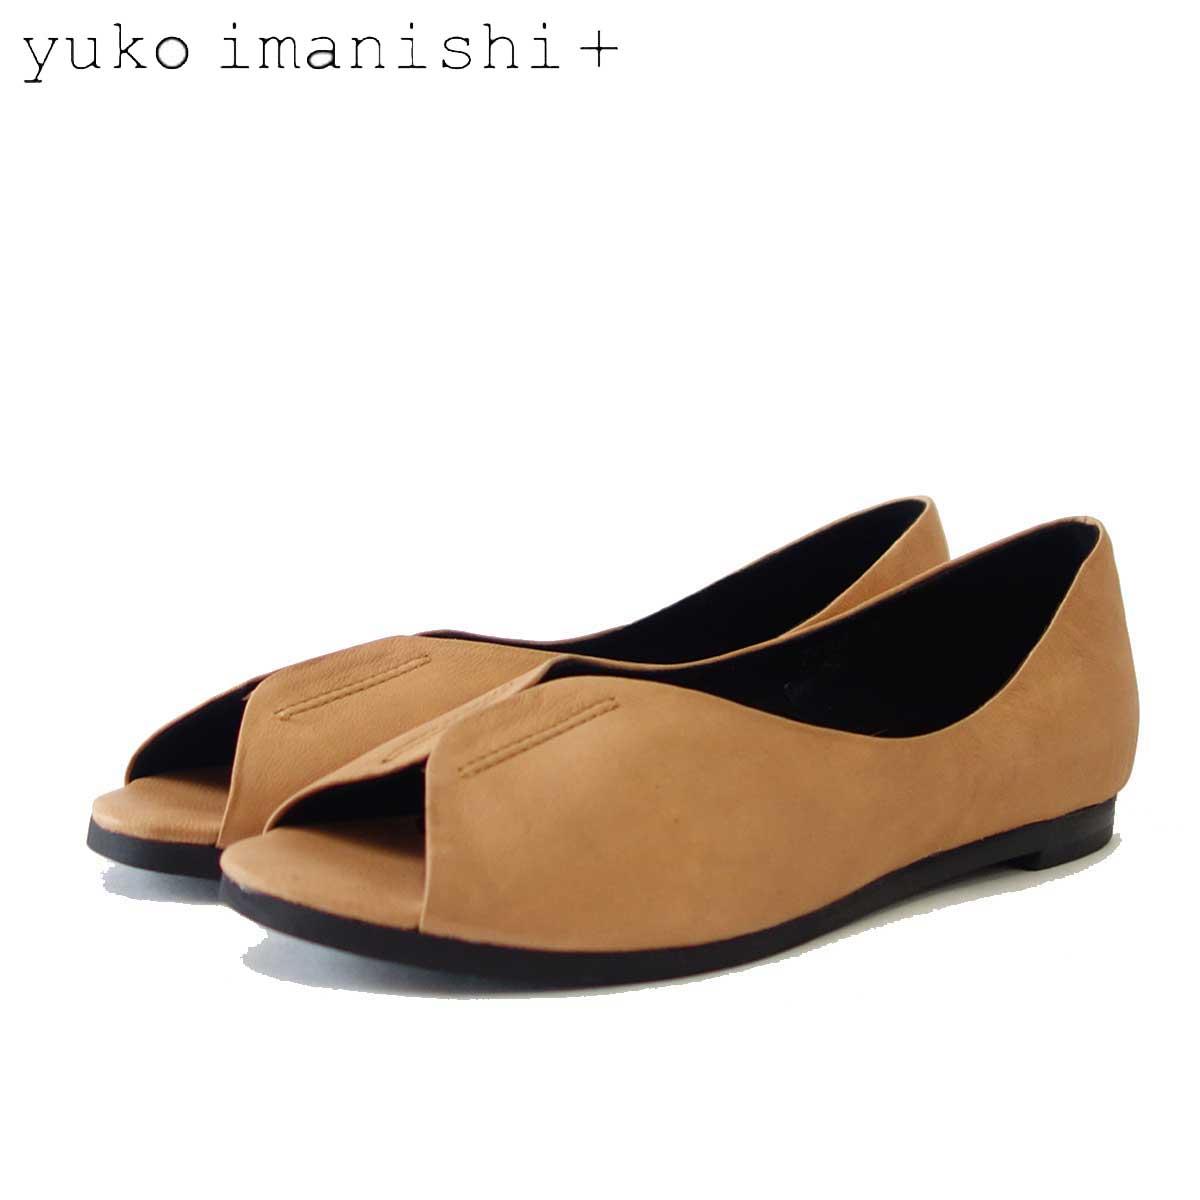 ユーコ イマニシ yuko imanishi +  791037 ブラウン オープントゥ カッターシューズ 「靴」